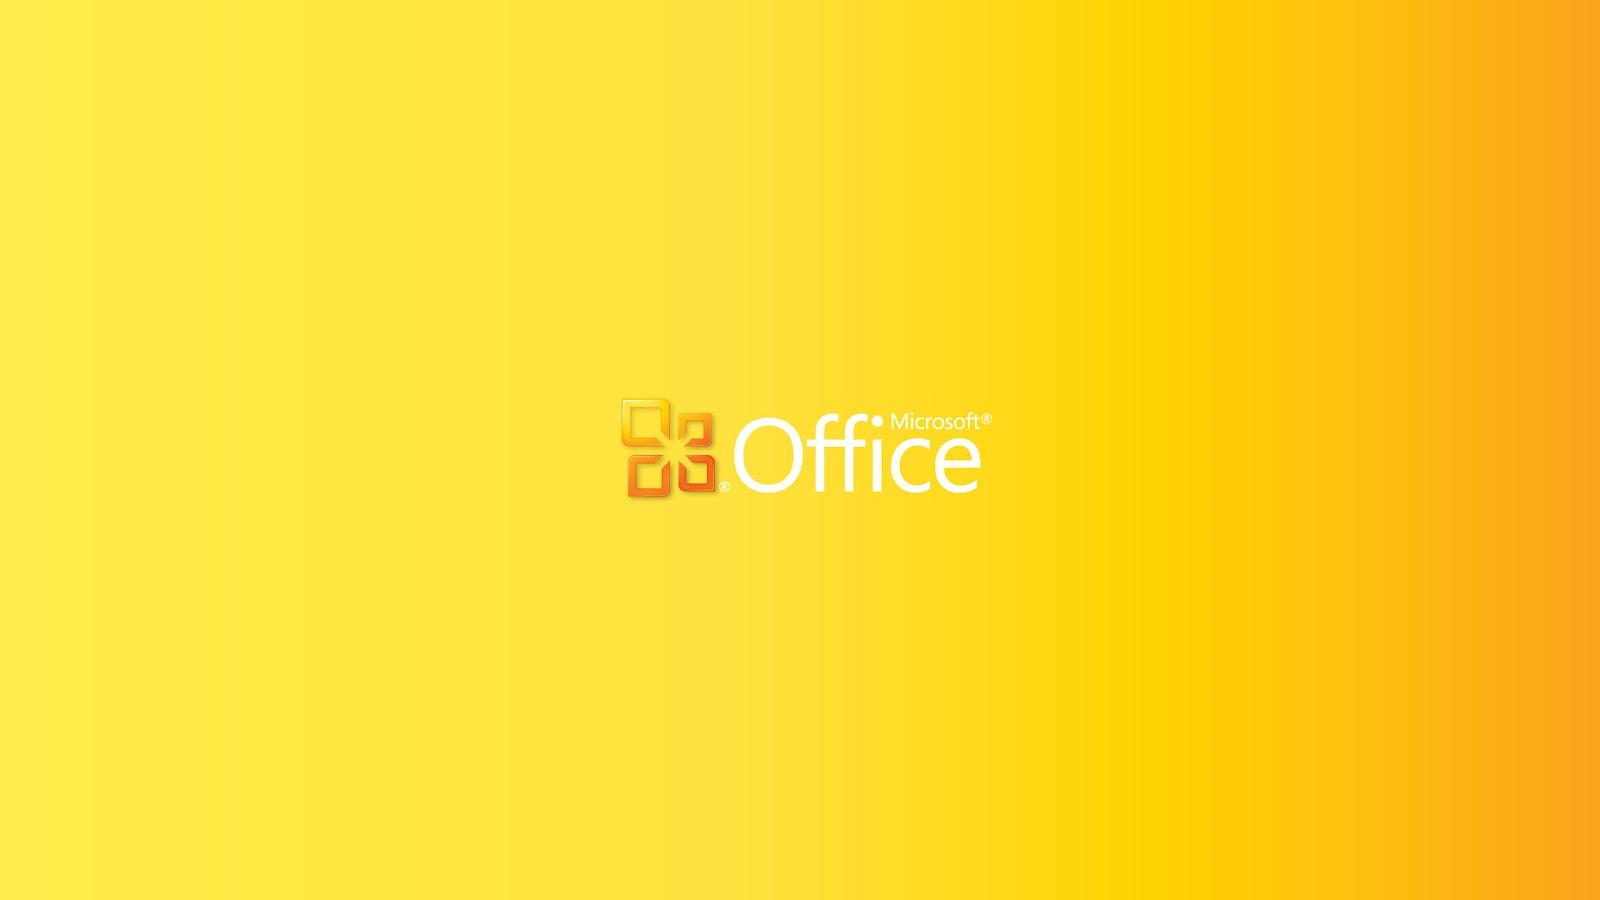 Source URL Mscscomphotothe Office Wallpaper Hd23 1600x900